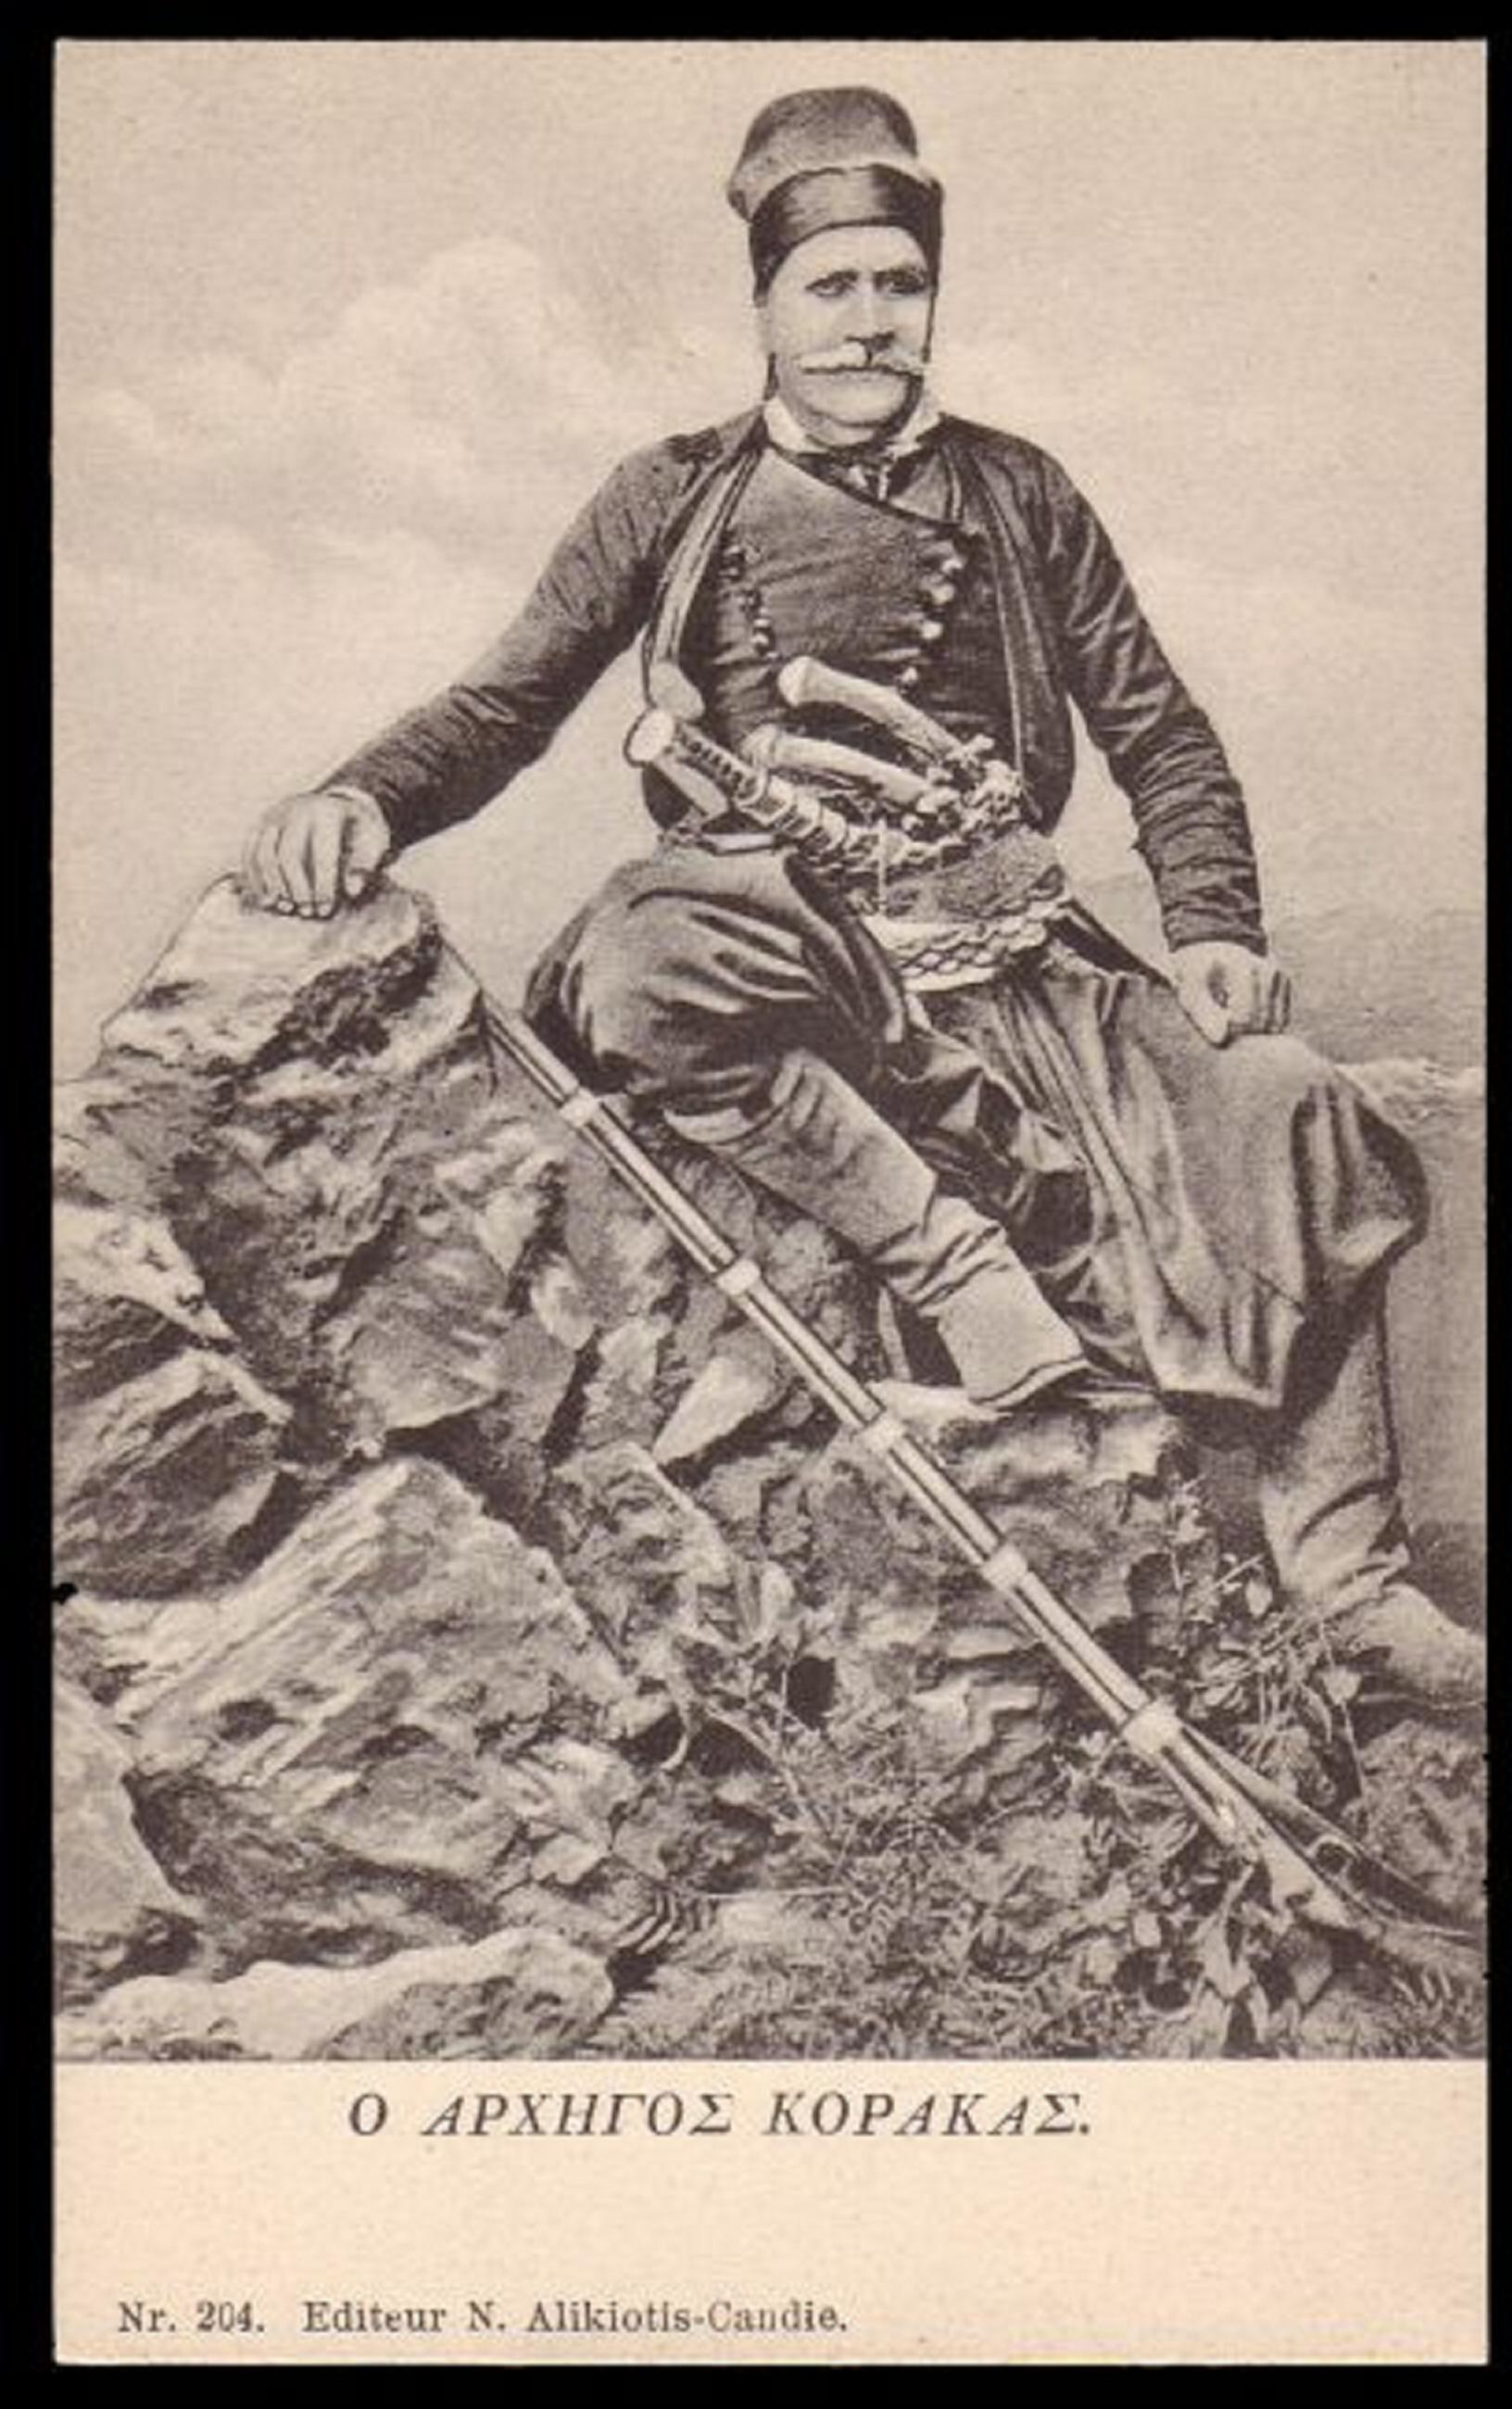 21 Μαΐου 1867. Κατάληψις τοῦ Λασιθίου ἀπὸ τοὺς τουρκοαιγυπτίους.